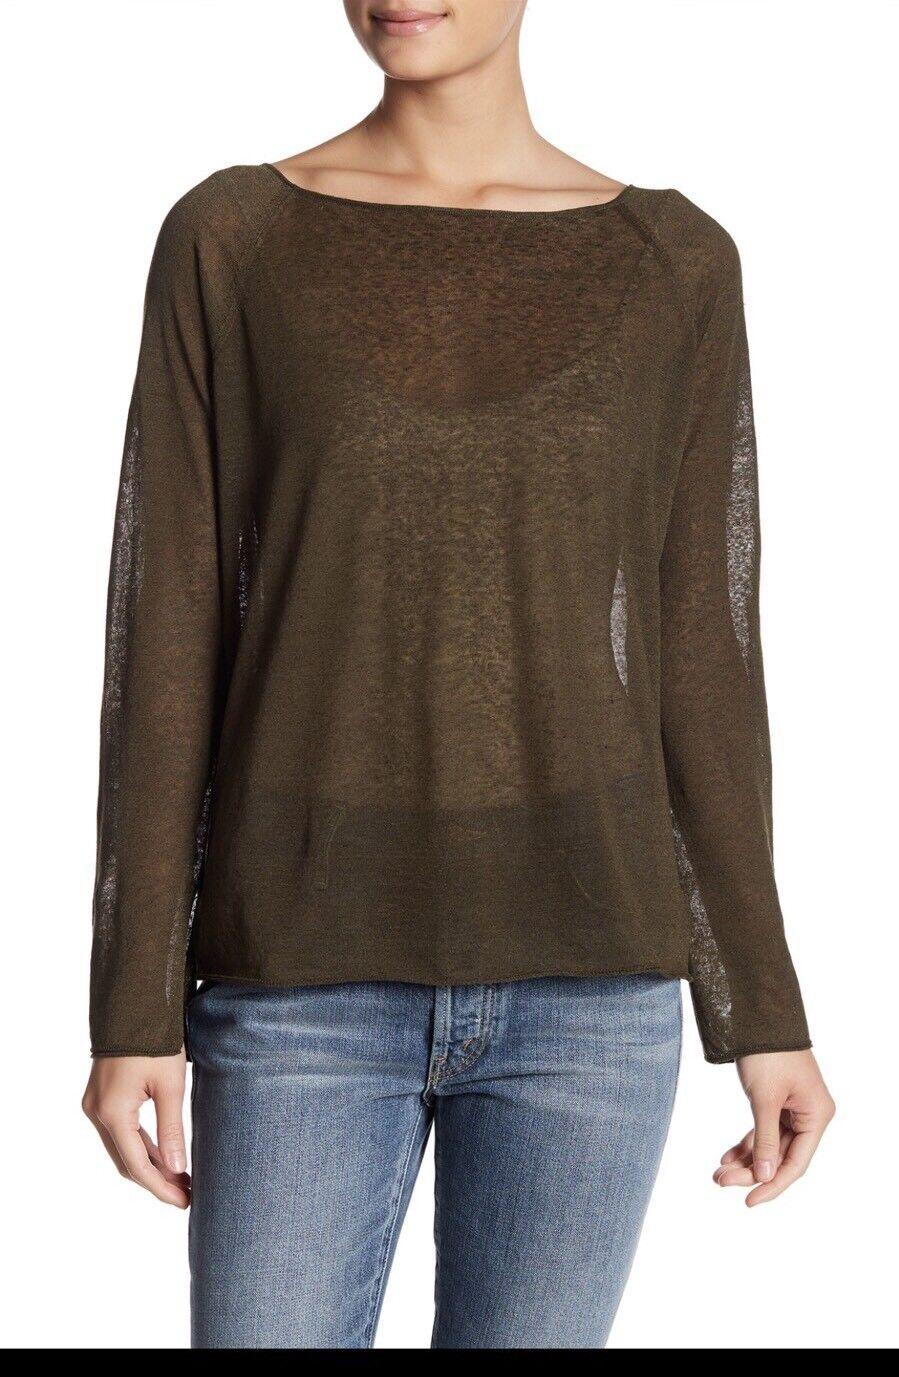 Theory Lalora Light Linen Blend Knit Tee Long Sleeve Top Juniper Größe  P